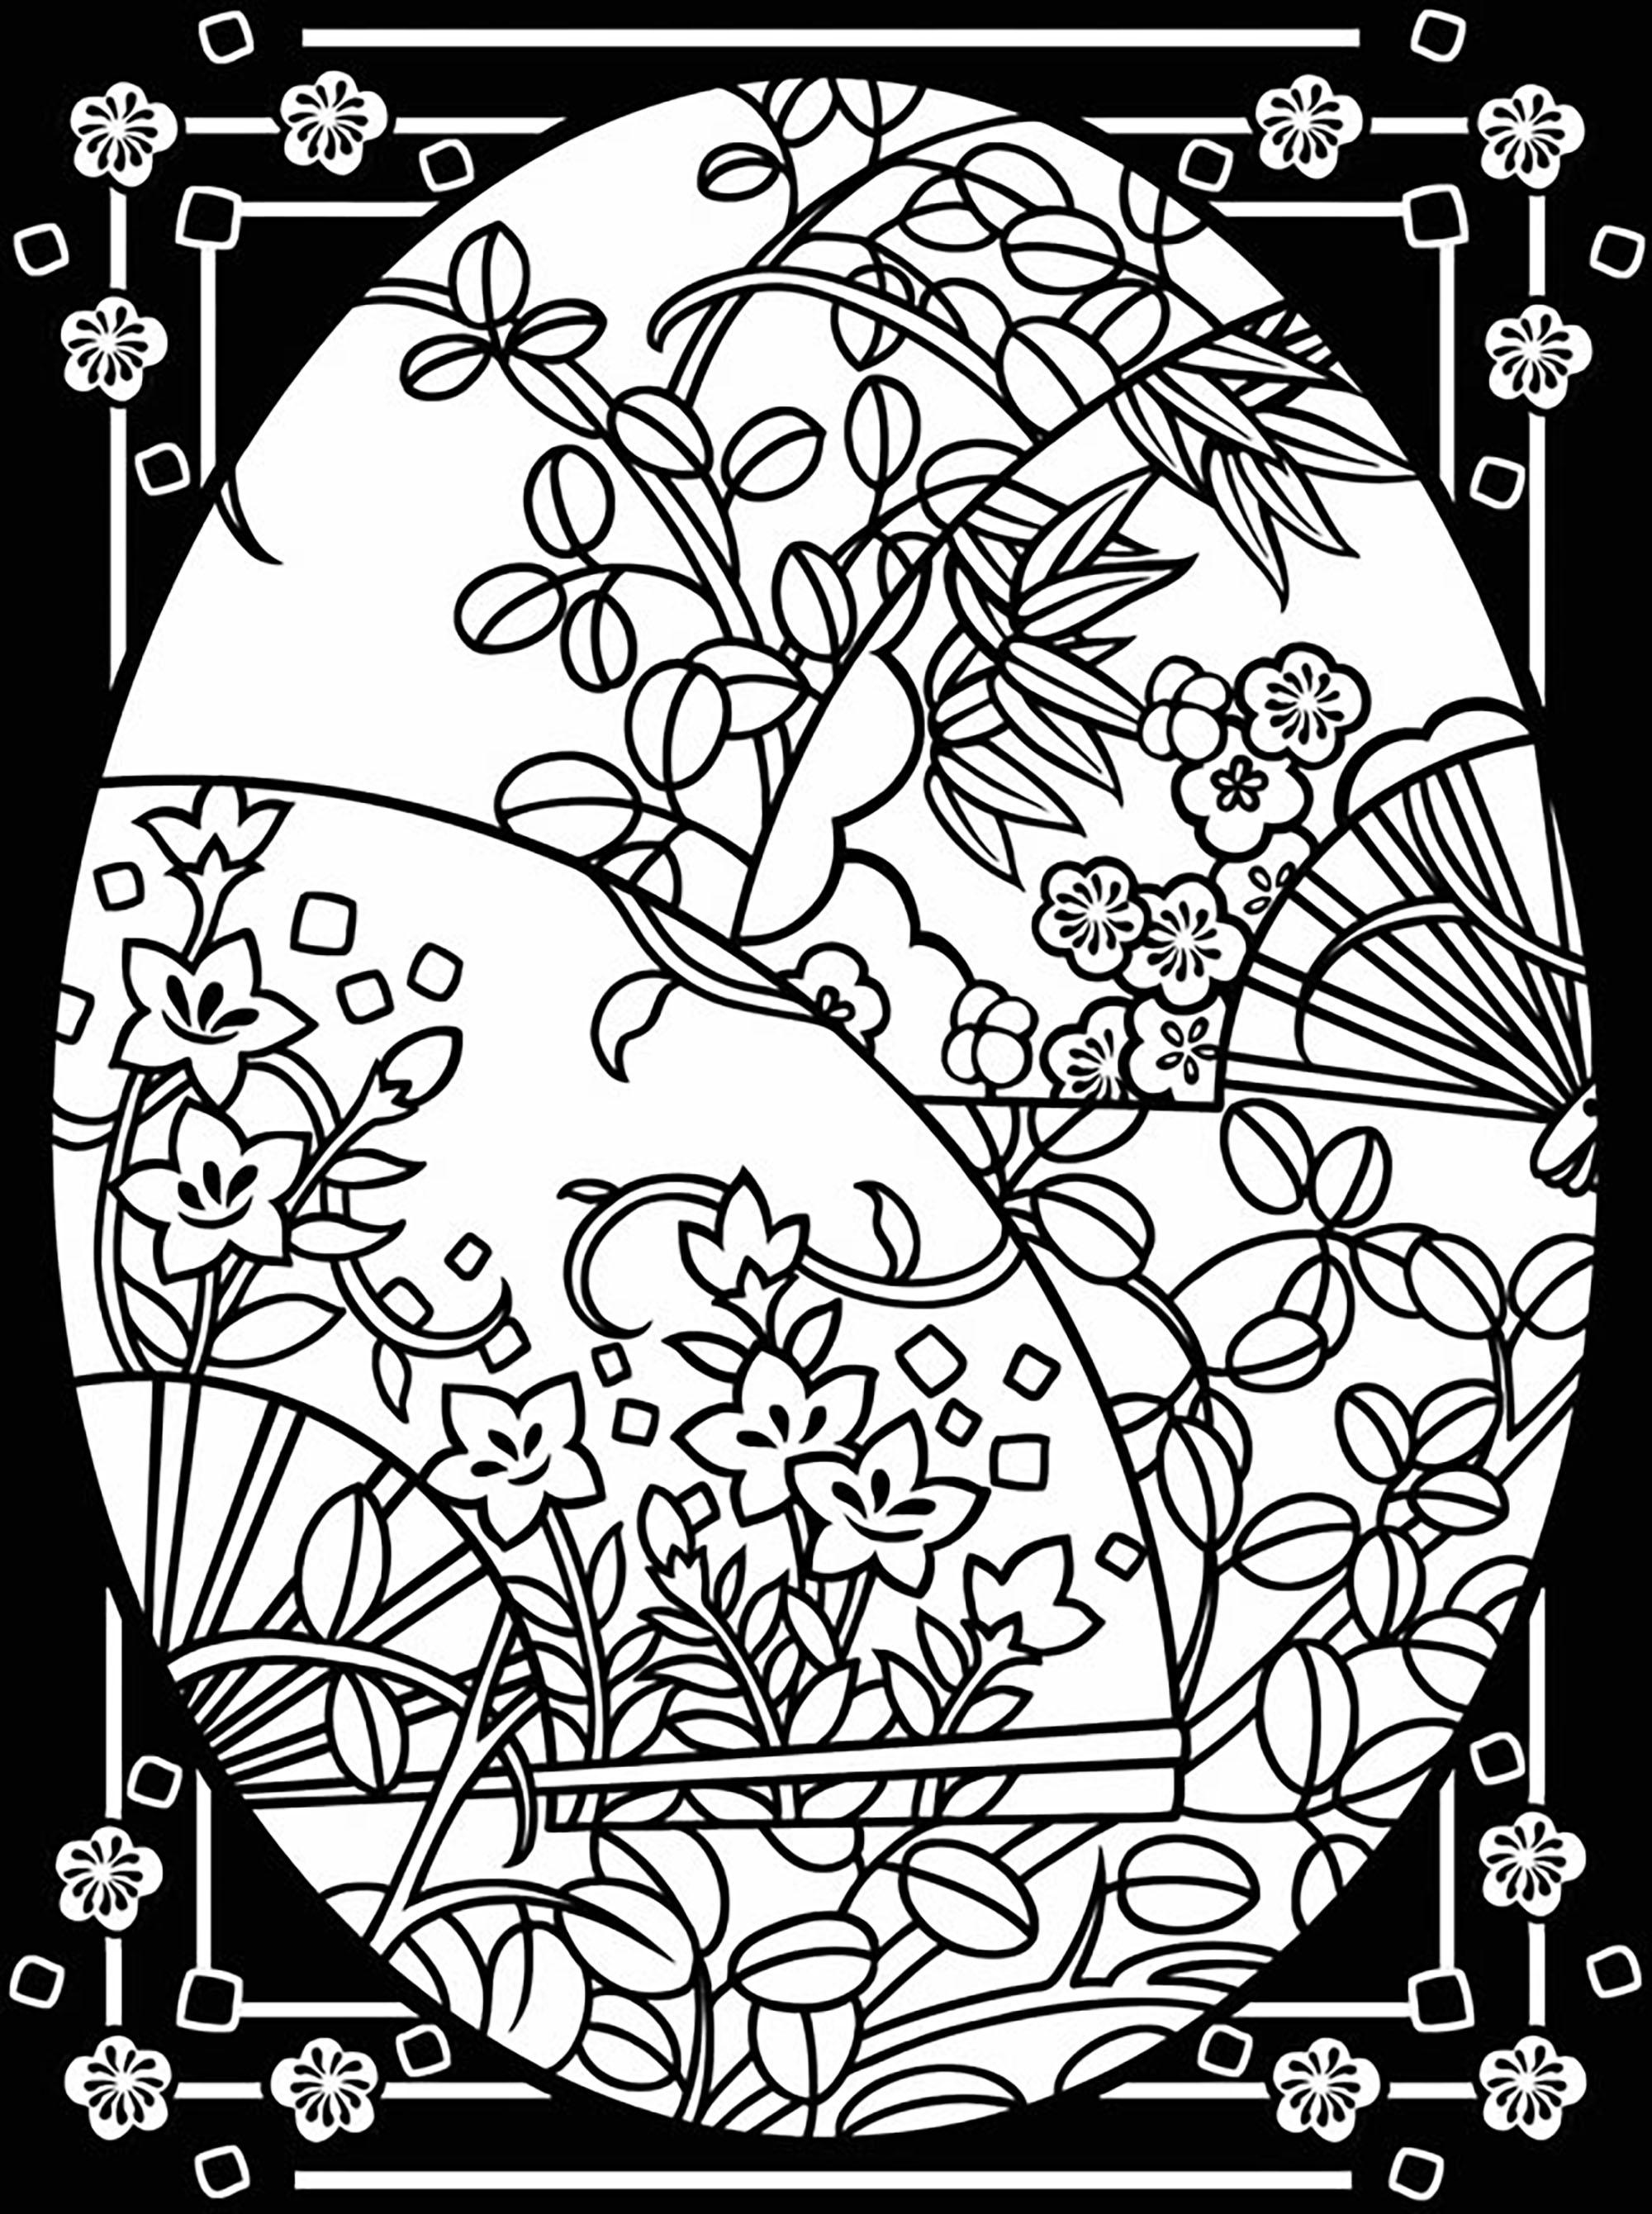 Oeuf de Pâques avec fleurs et feuilles